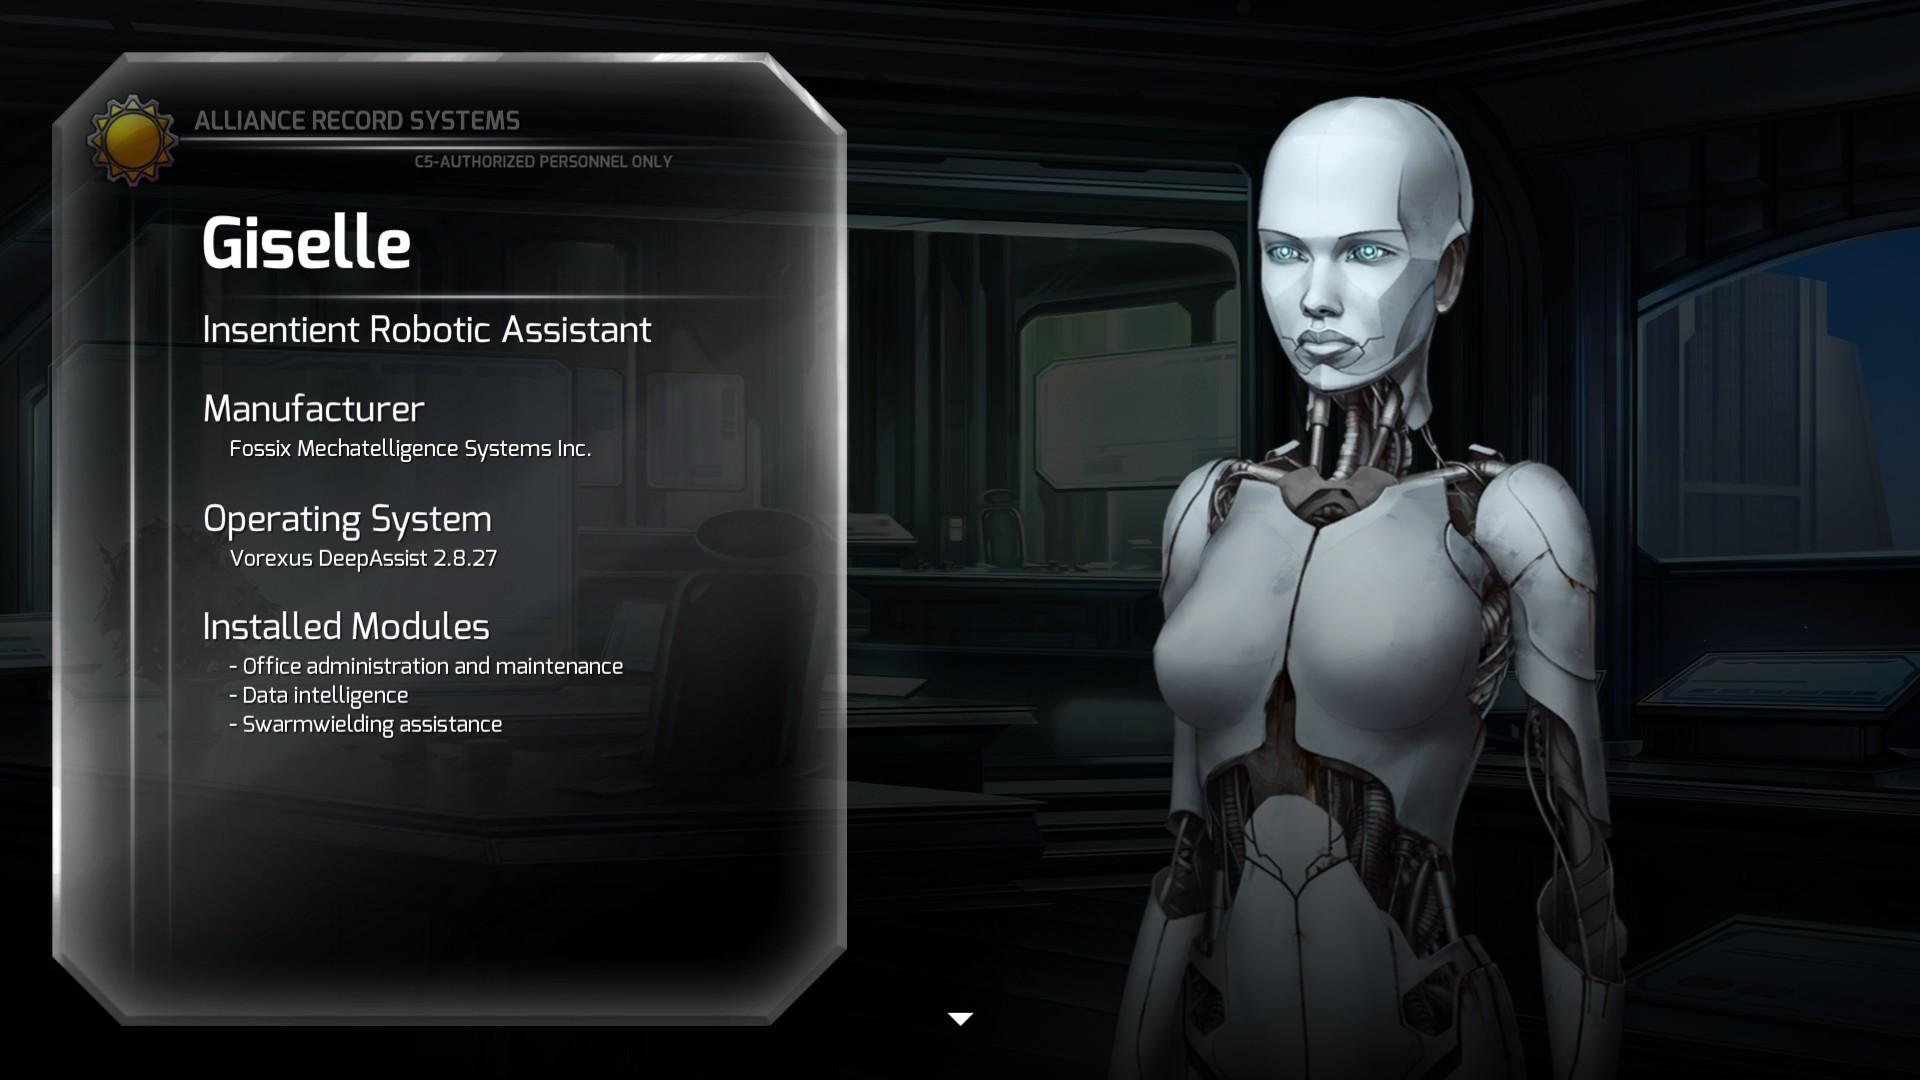 Gisele une androide alliée